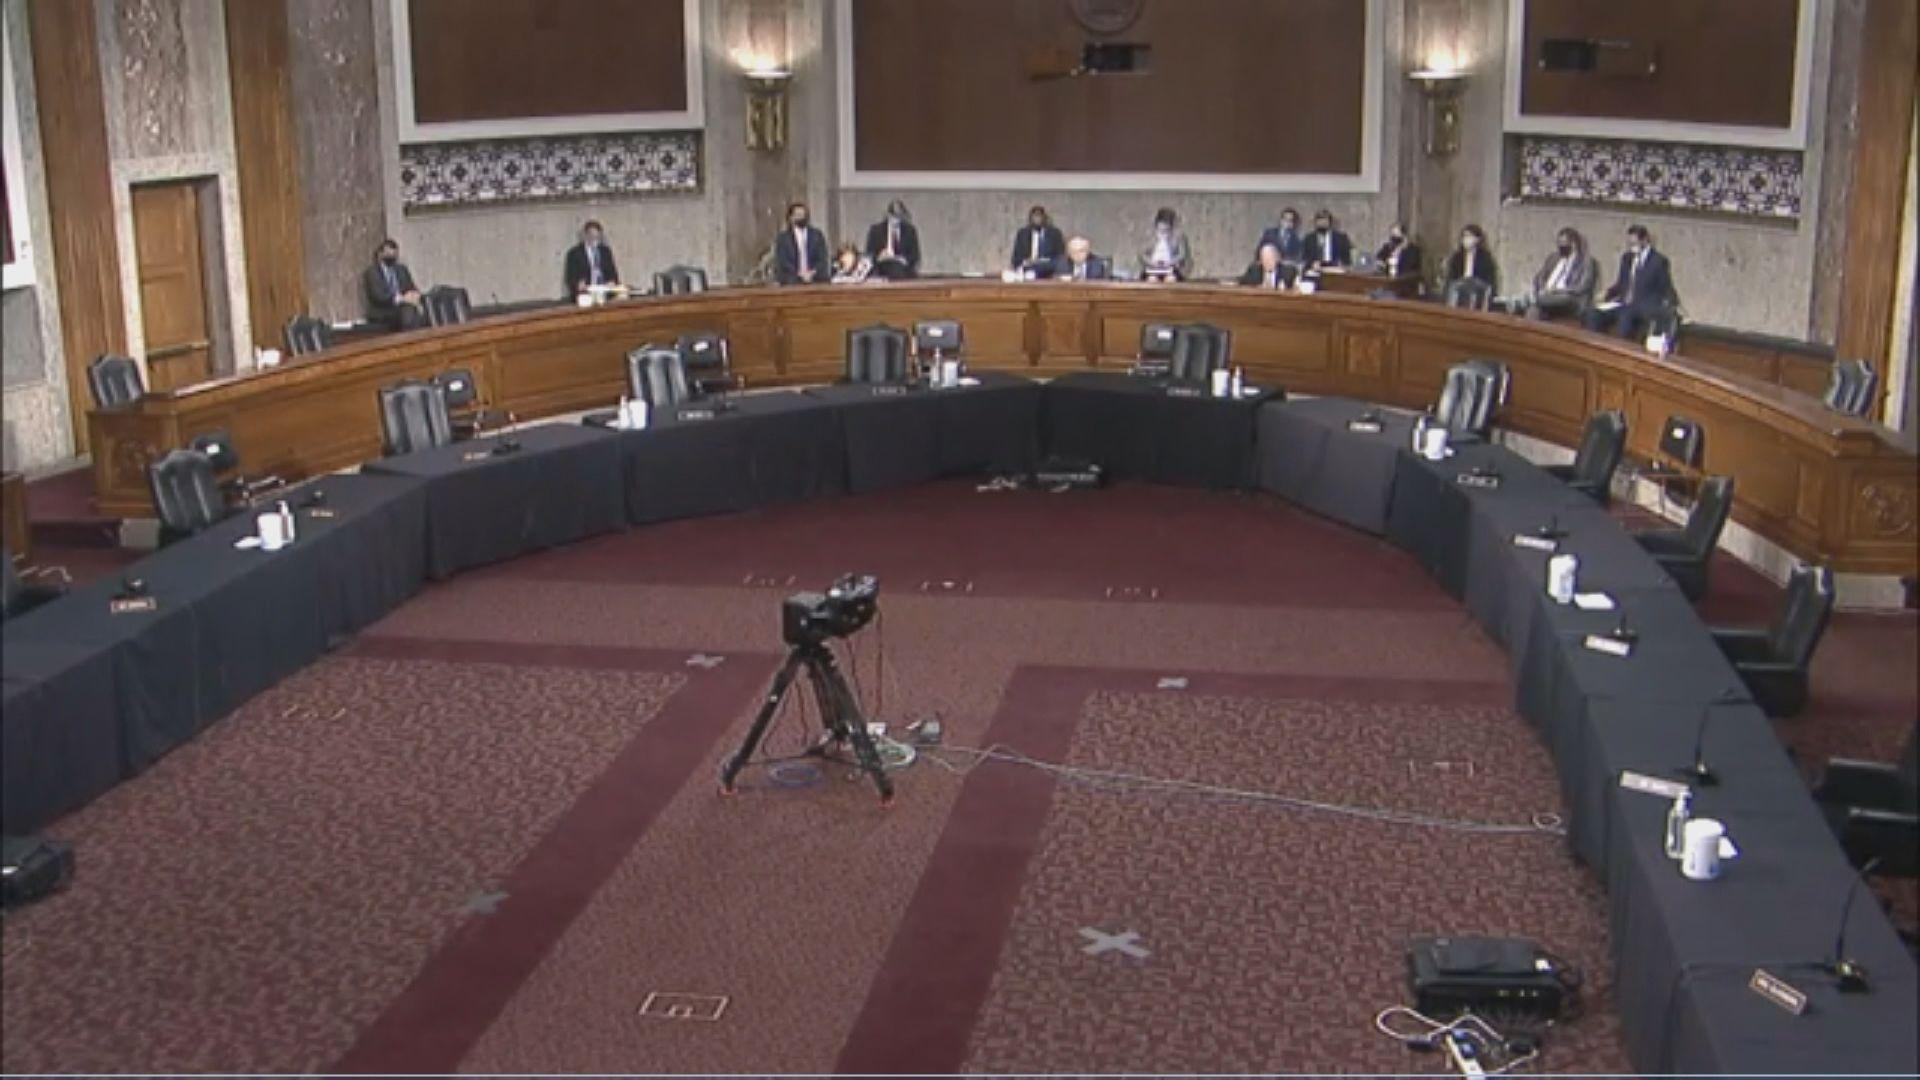 美參議院討論對台政策 外交部促美方認識台獨危險性